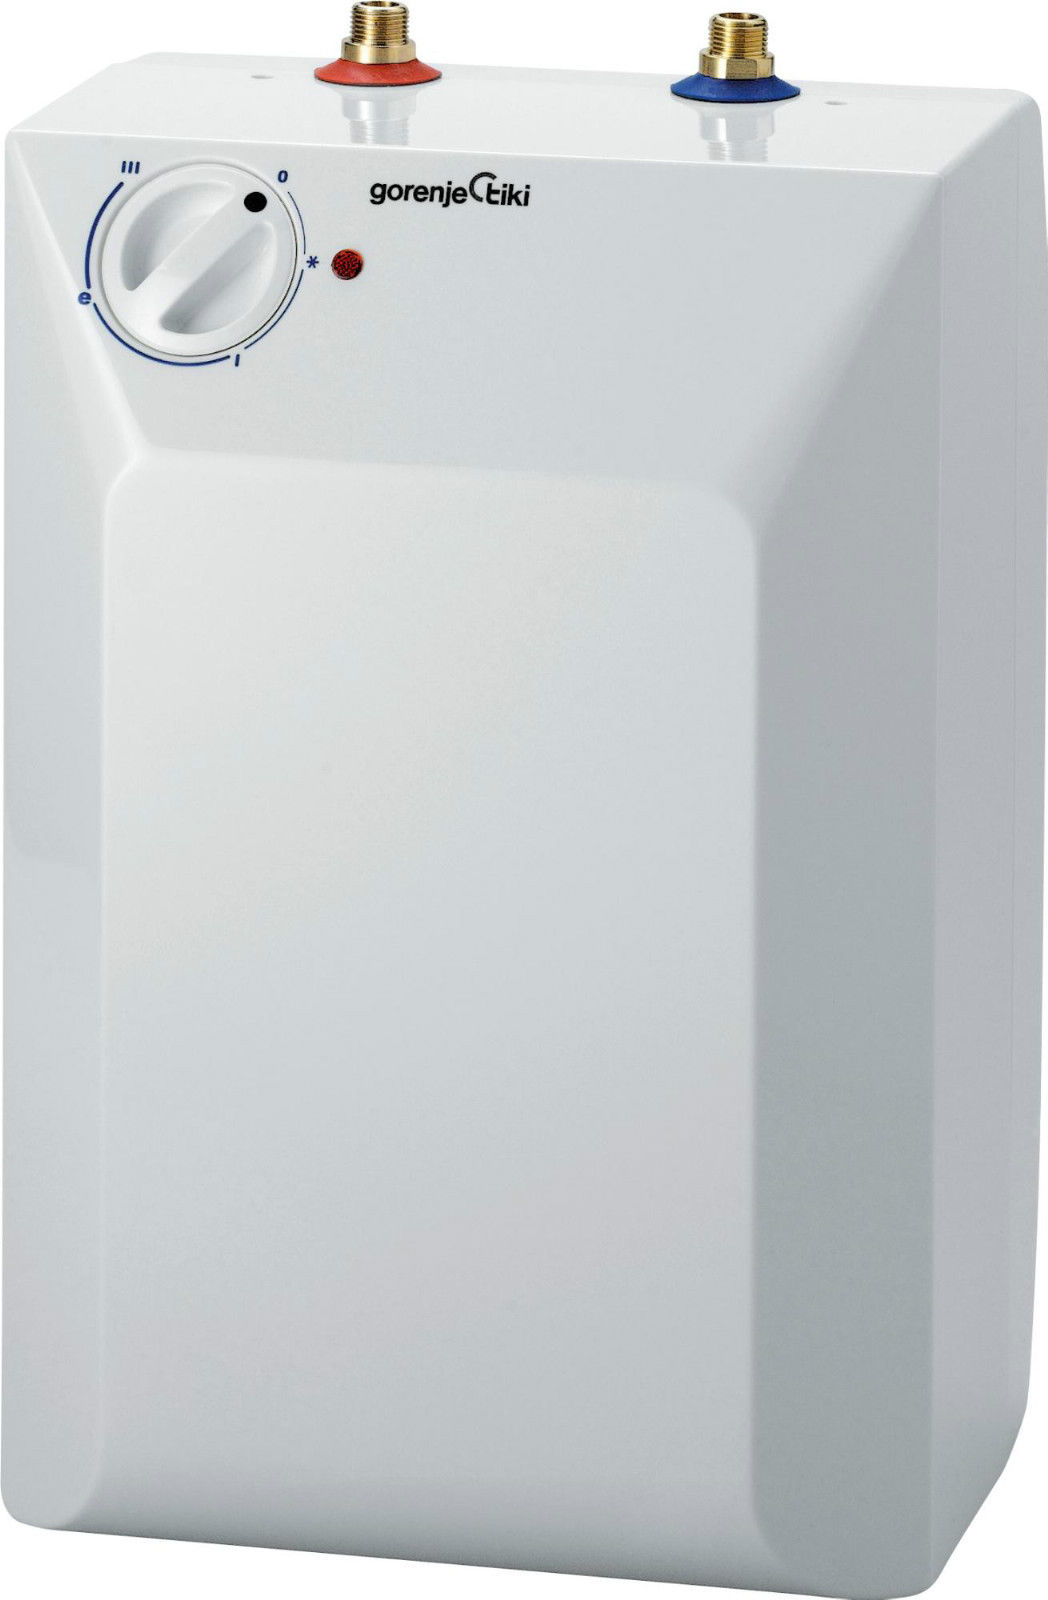 Gorenje TEG S 5 U Boiler 5Liter DRUCKLOS Warmwasserspeicher ...